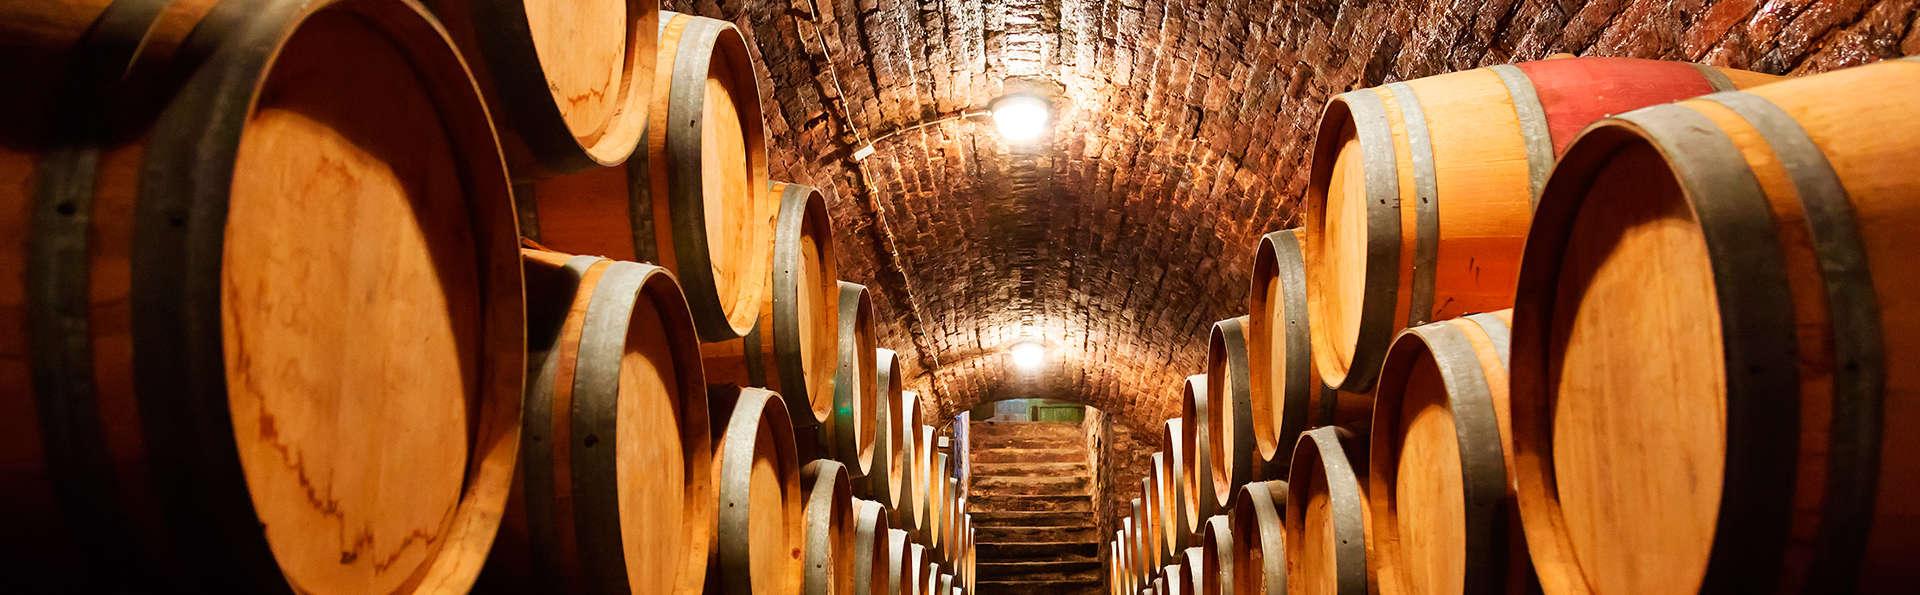 Descubre Aranda con visita a bodega D.O Ribera del Duero y degustación de sus vinos